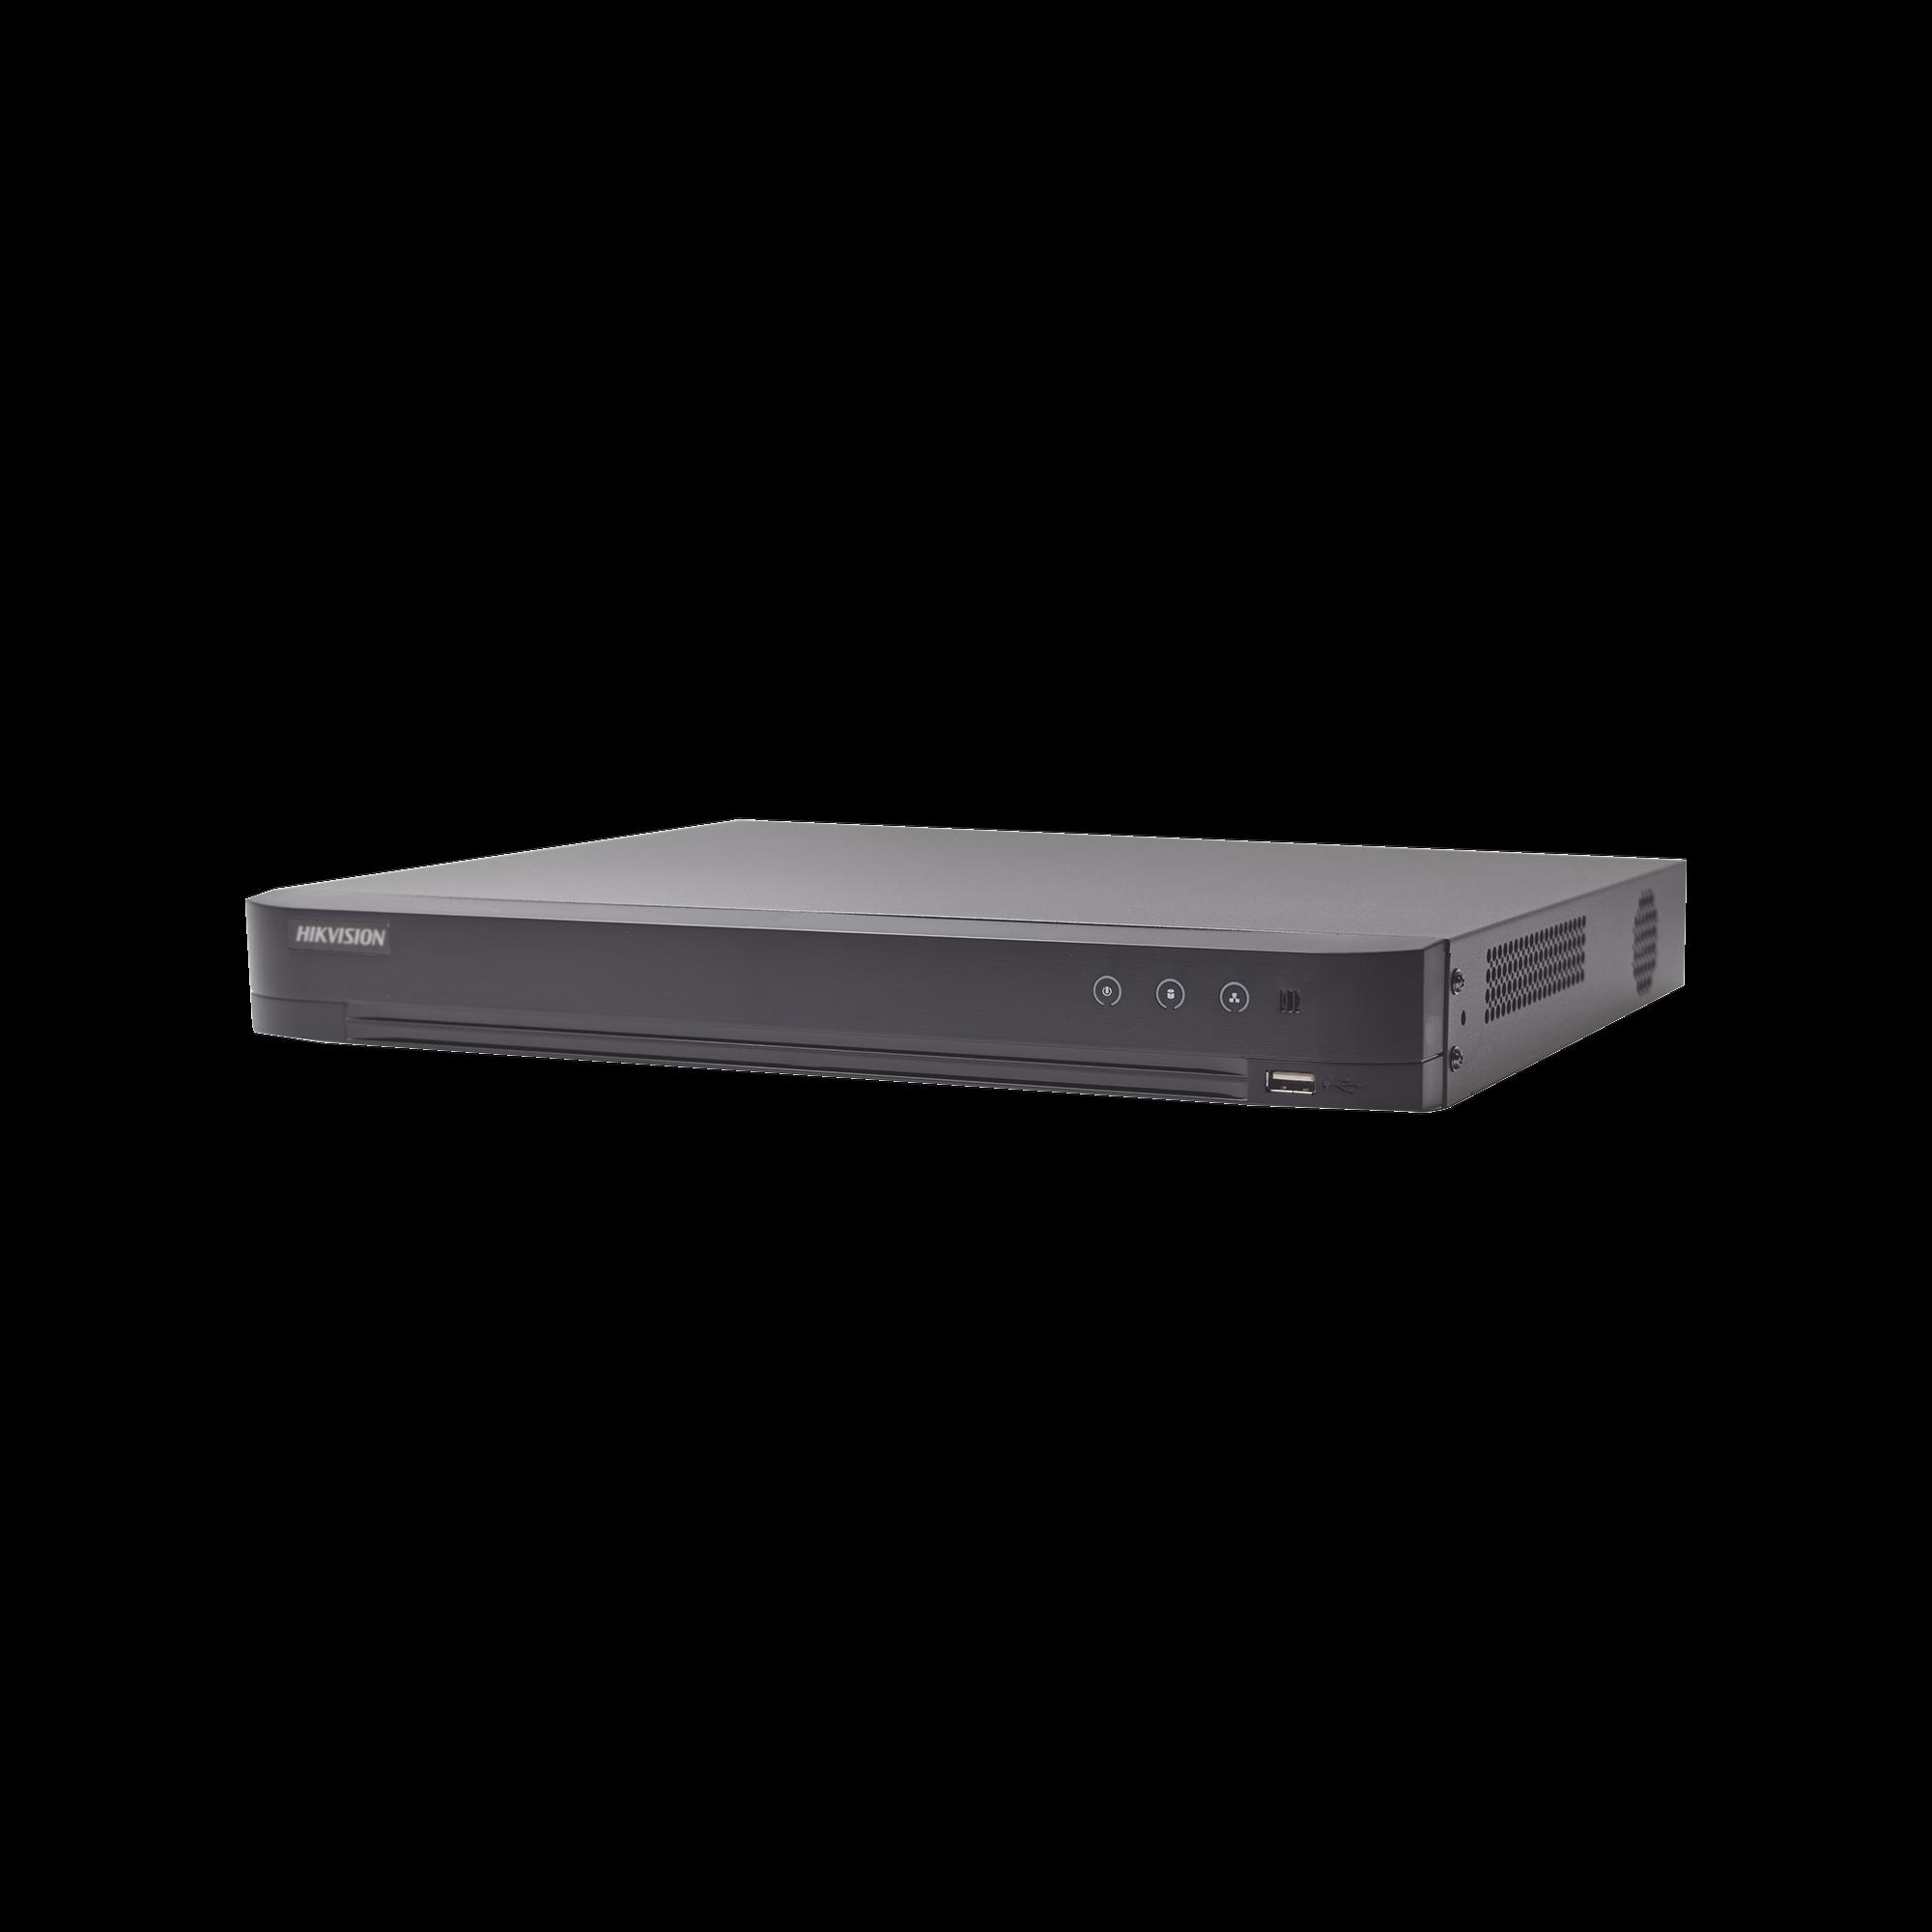 DVR 8 Megapixel / 4 Canales TURBOHD + 4 Canales IP / 1 Bahía de Disco Duro / Audio por Coaxitron / 4 Entradas de Alarma / 1 Salida de Alarma / Detección de Rostros / H.265+